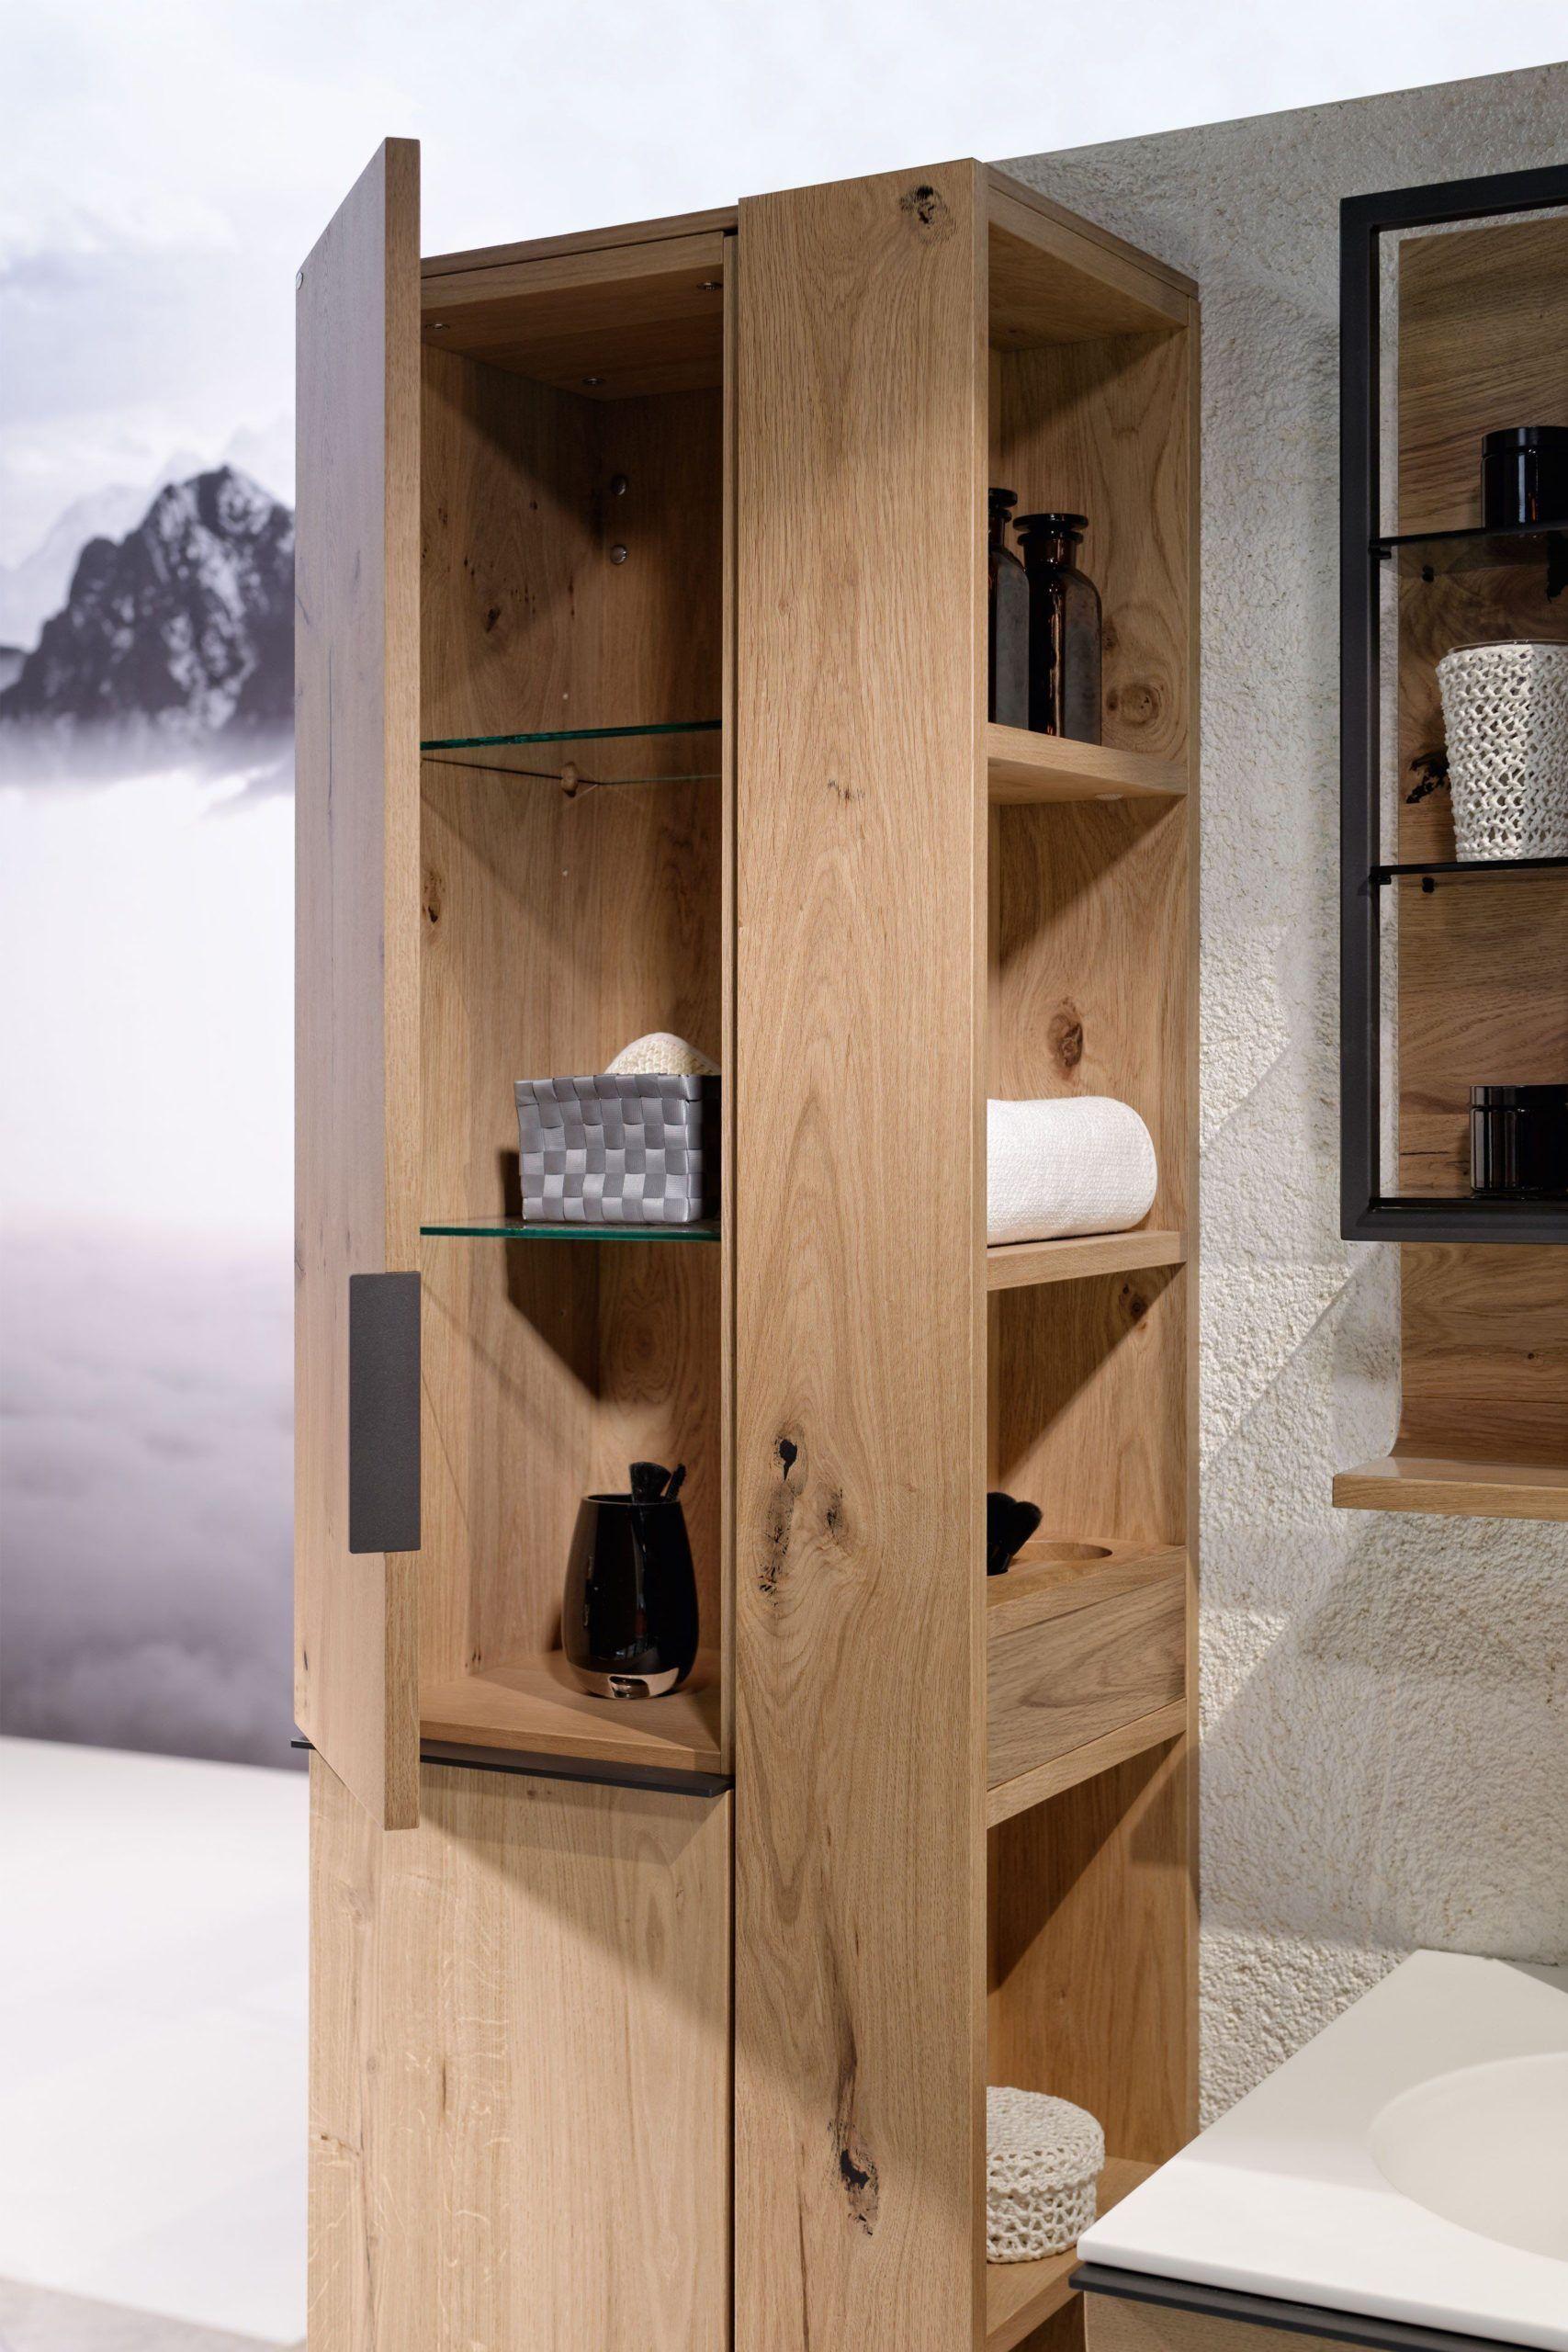 V Quell Bad Von Voglauer In Aleiche Rustiko Mobel Letz Ihr Online Shop Aleiche Bad Ihr Letz Mobel On In 2020 Badezimmer Badezimmer Innenausstattung Wc Mobel